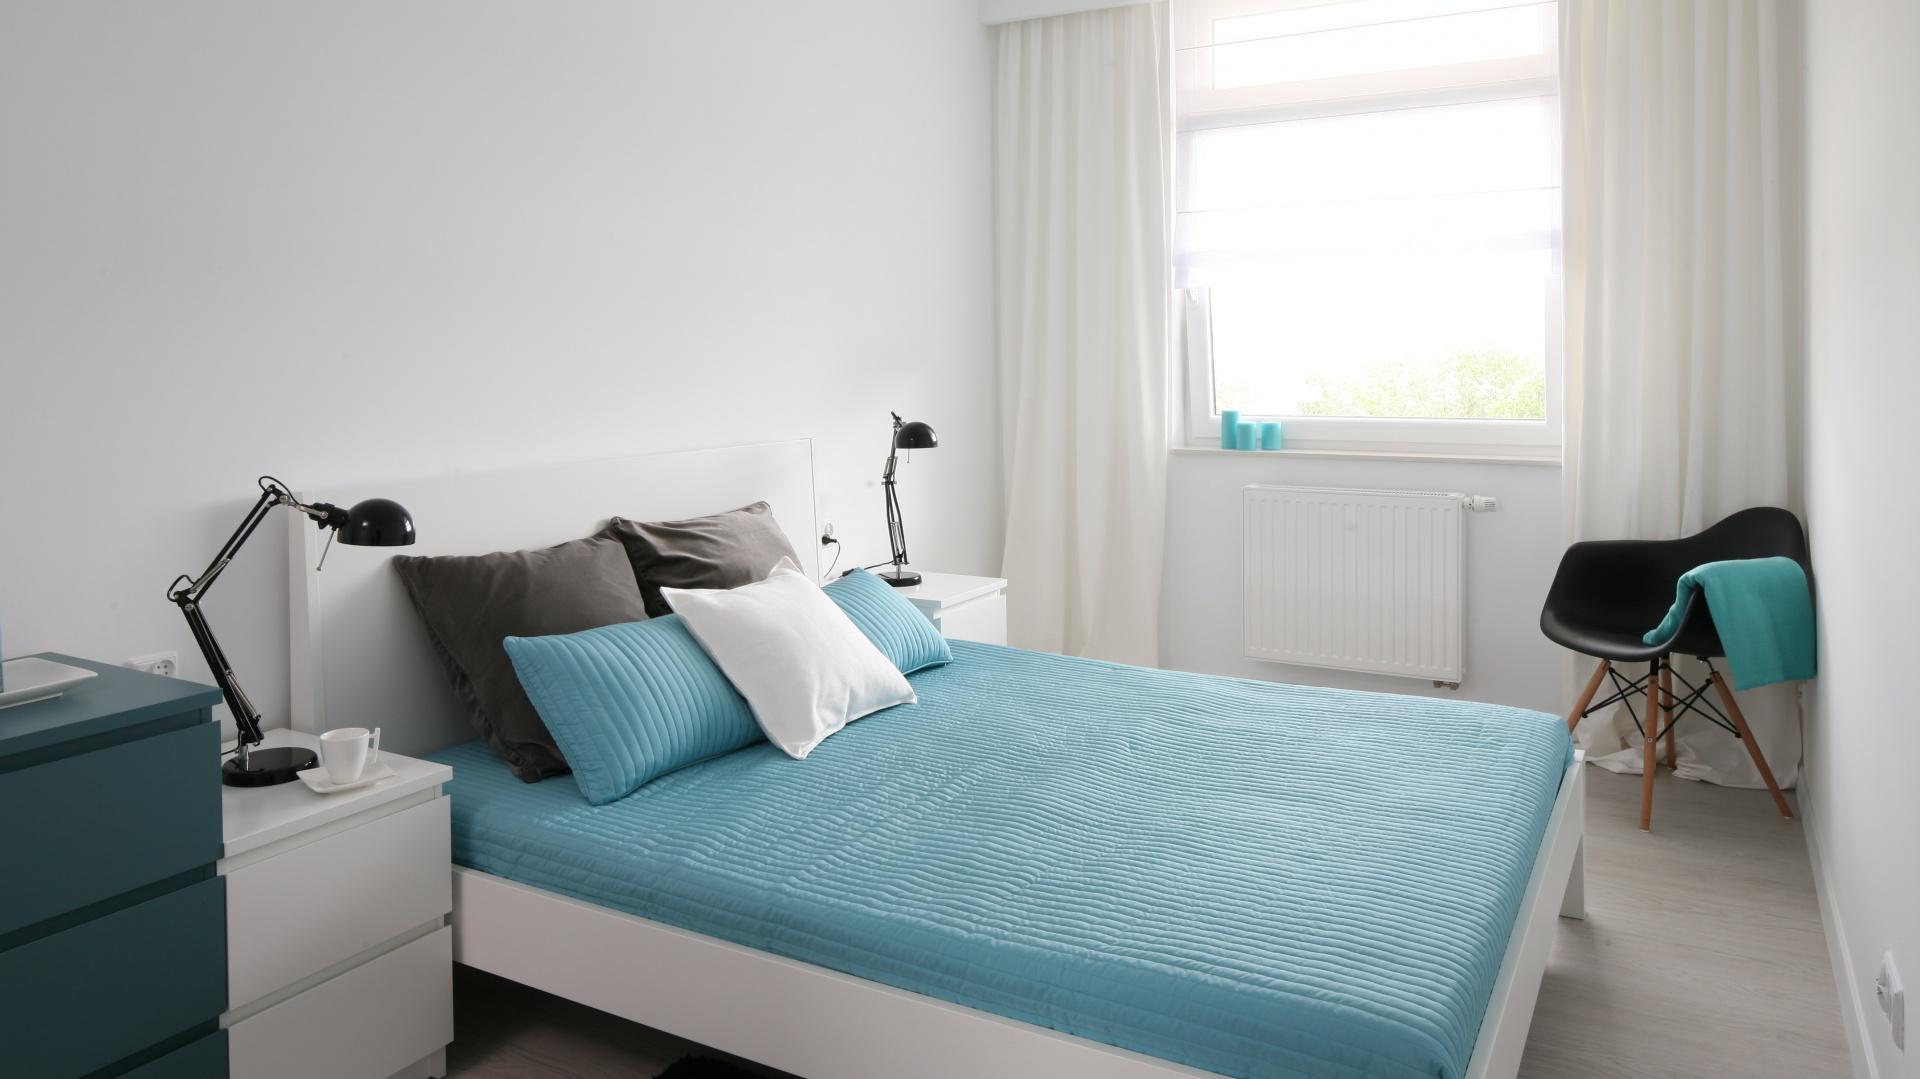 Sypialnia W Turkusie 13 Inspirujących Pomysłów Na Wnętrze